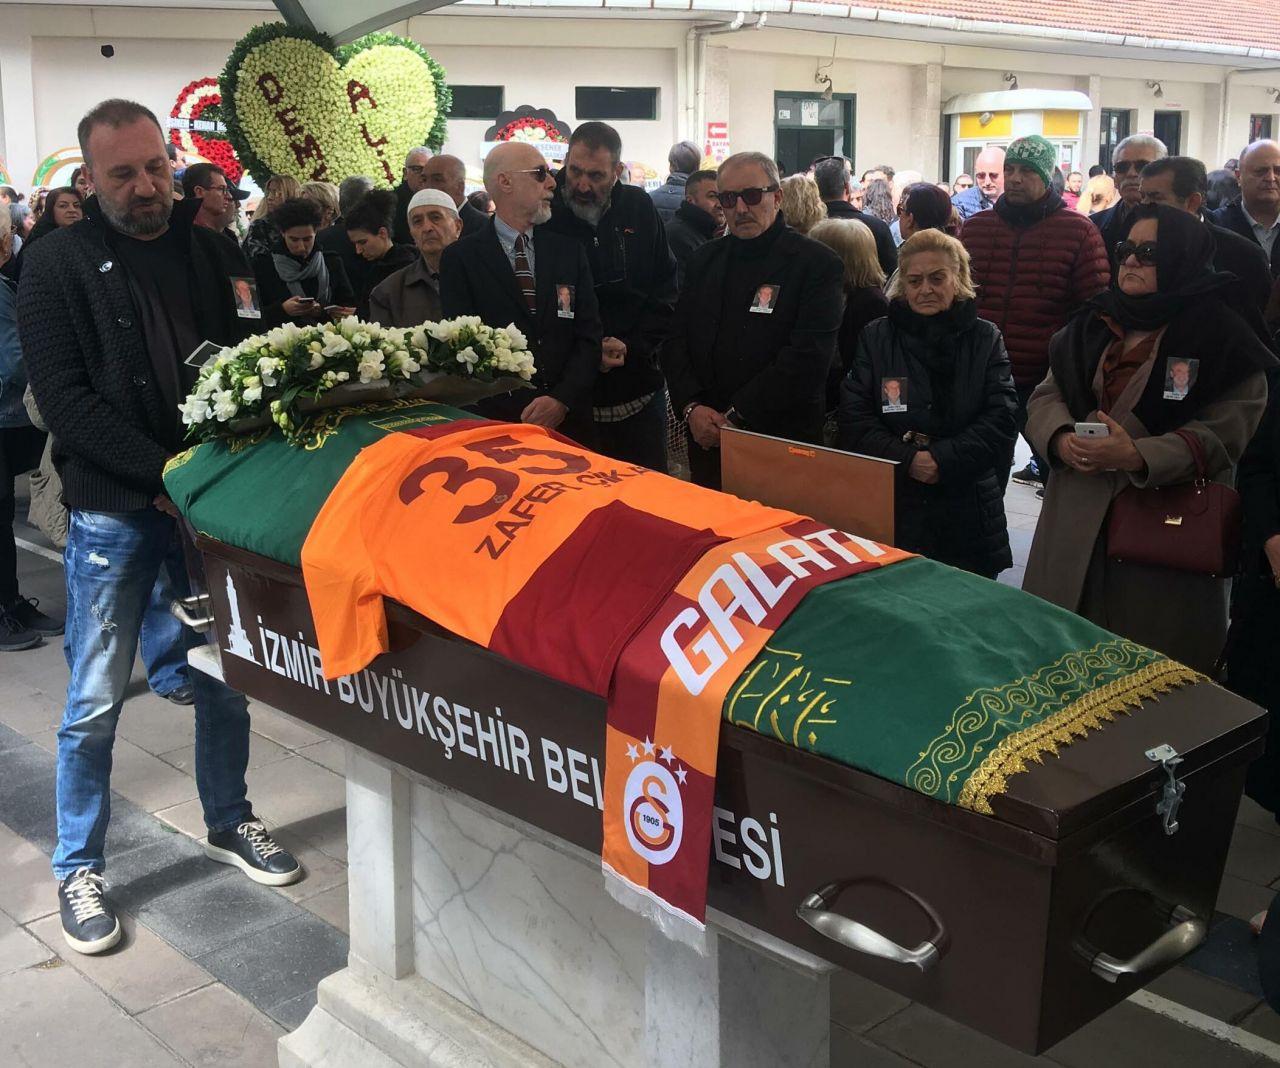 Zafer Çika'nın cenaze töreni eşi Demet Akbağ ve oğlu perişan halde - Sayfa 3